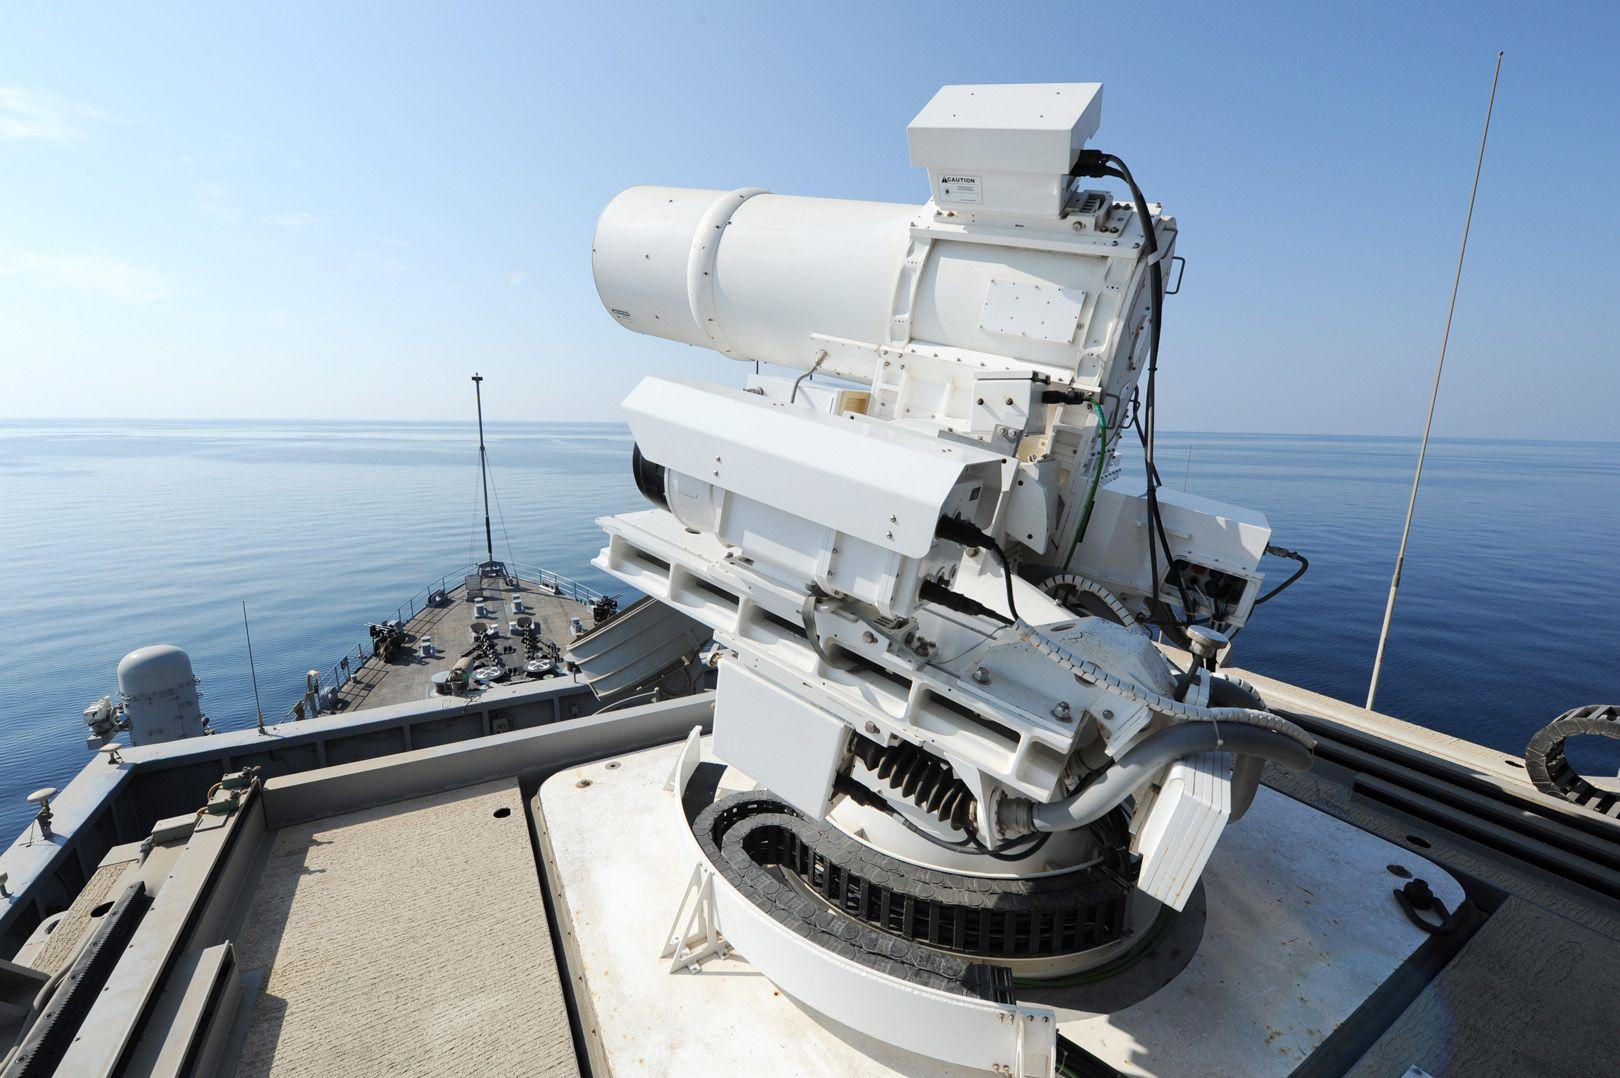 Des armes à énergie dirigée de plus en plus utilisées dans la discrétion la plus totale [Vidéos]